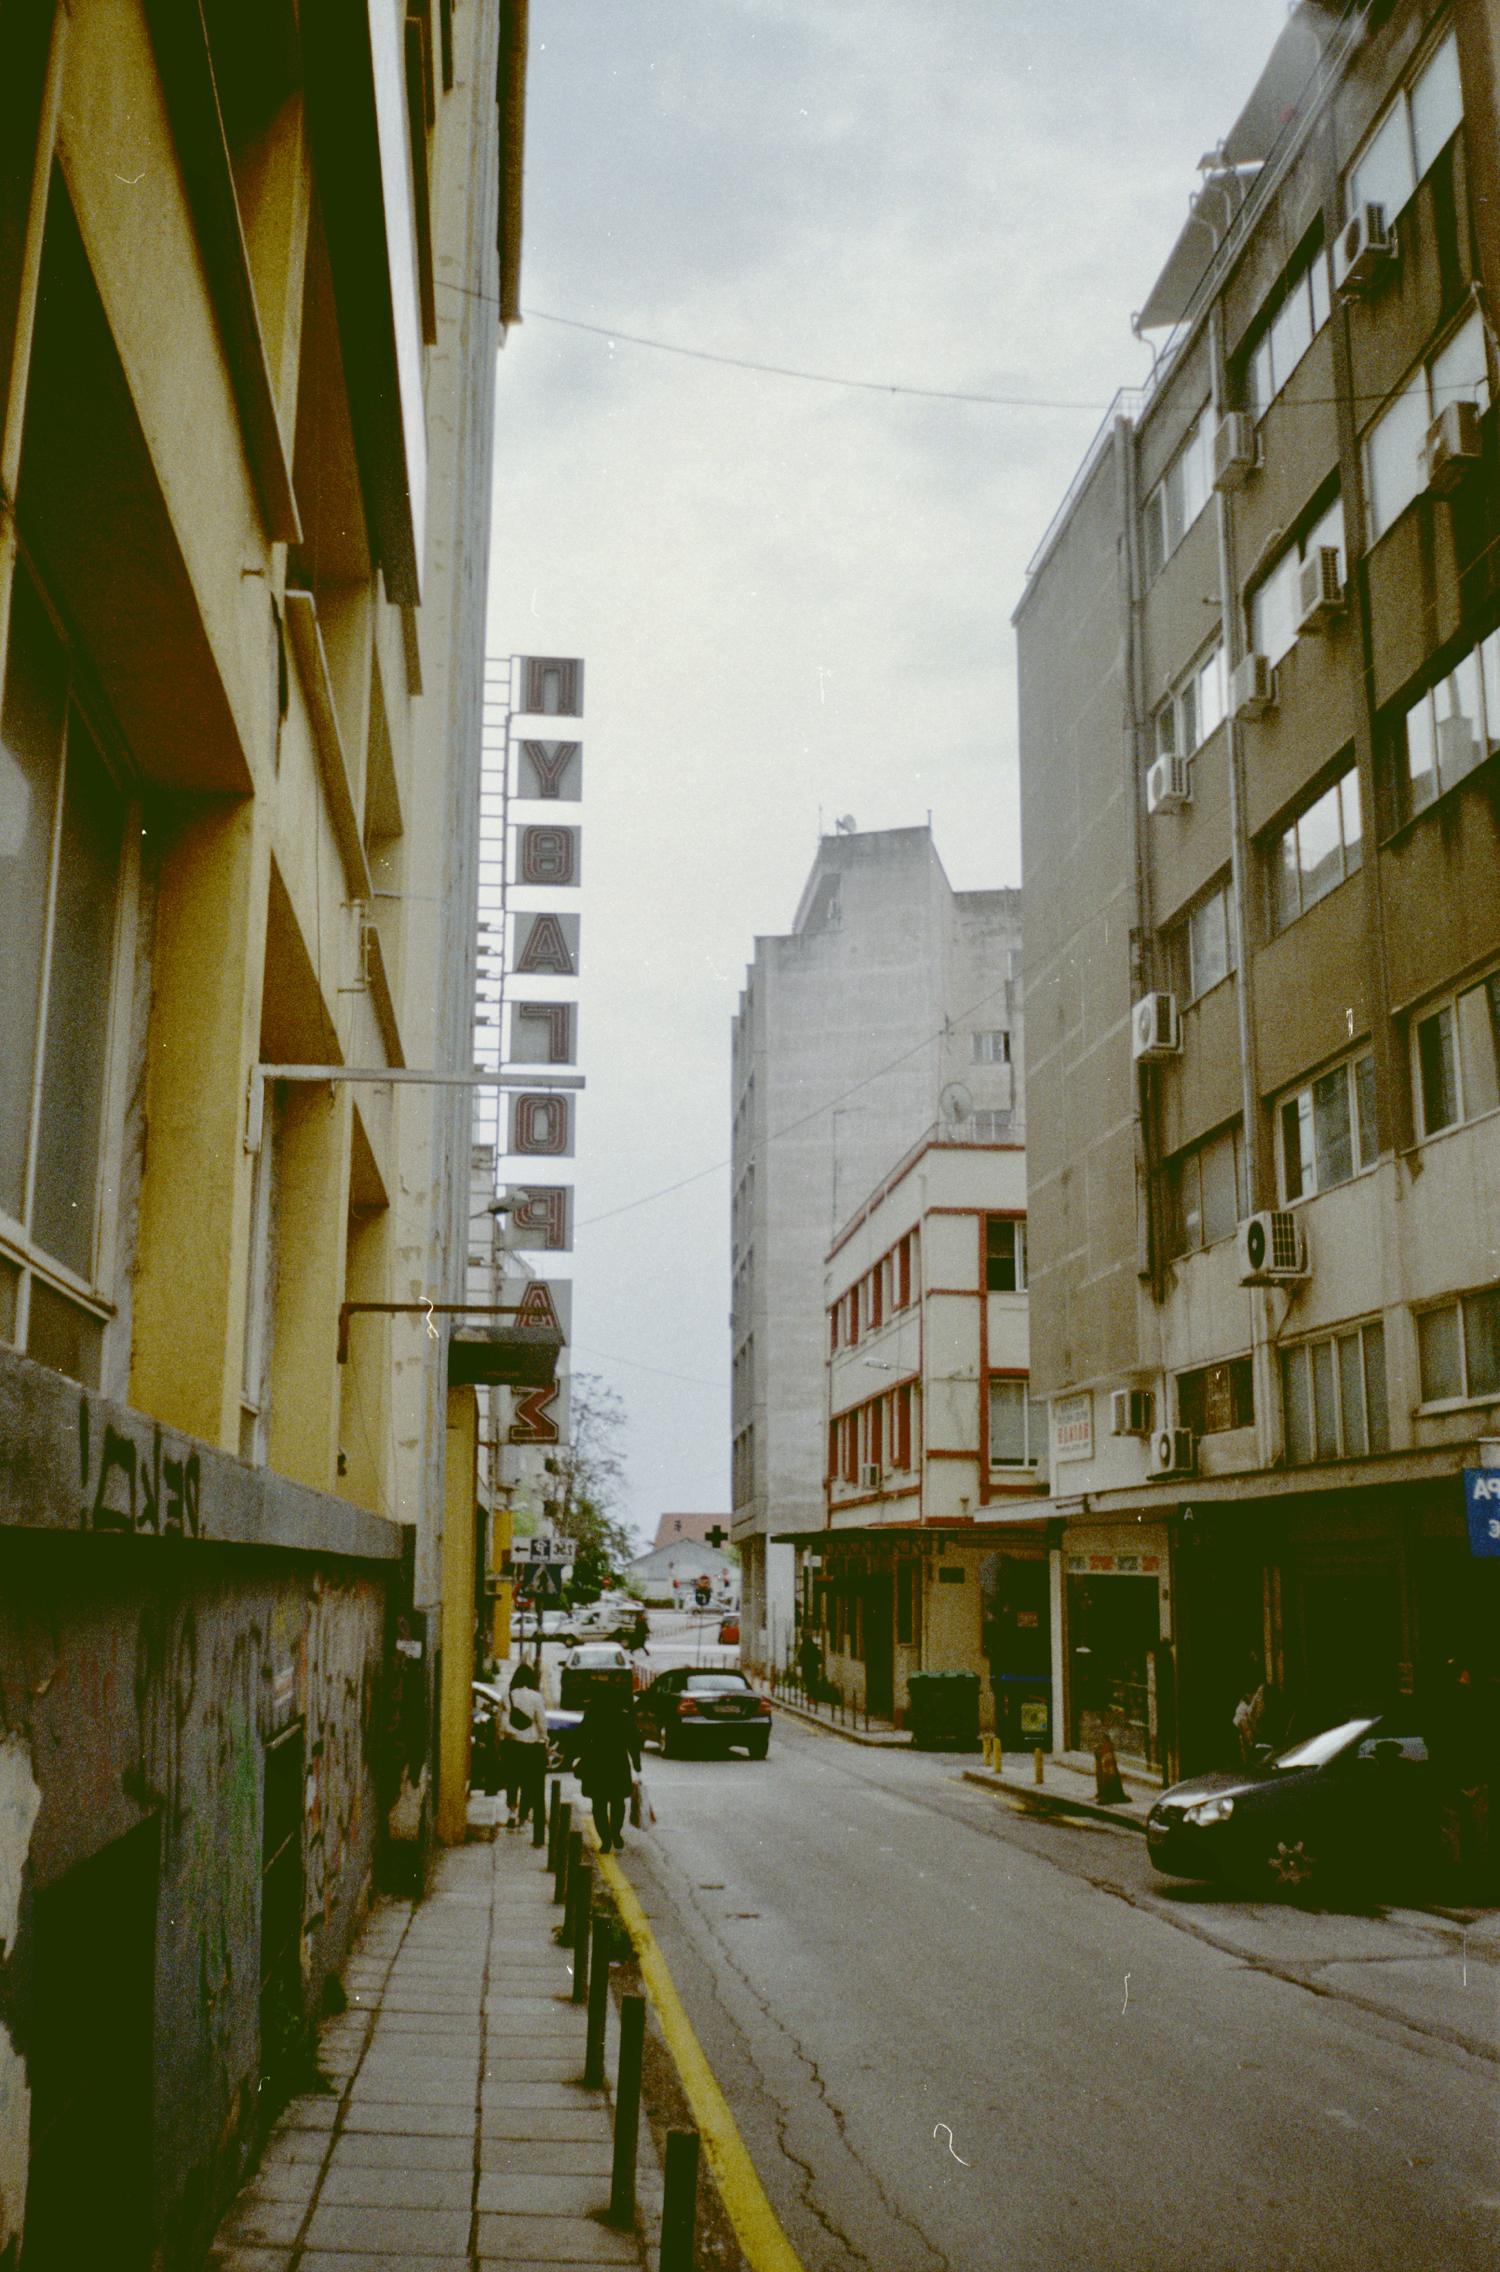 Thessaloniki 06-2019 - 6 of 69